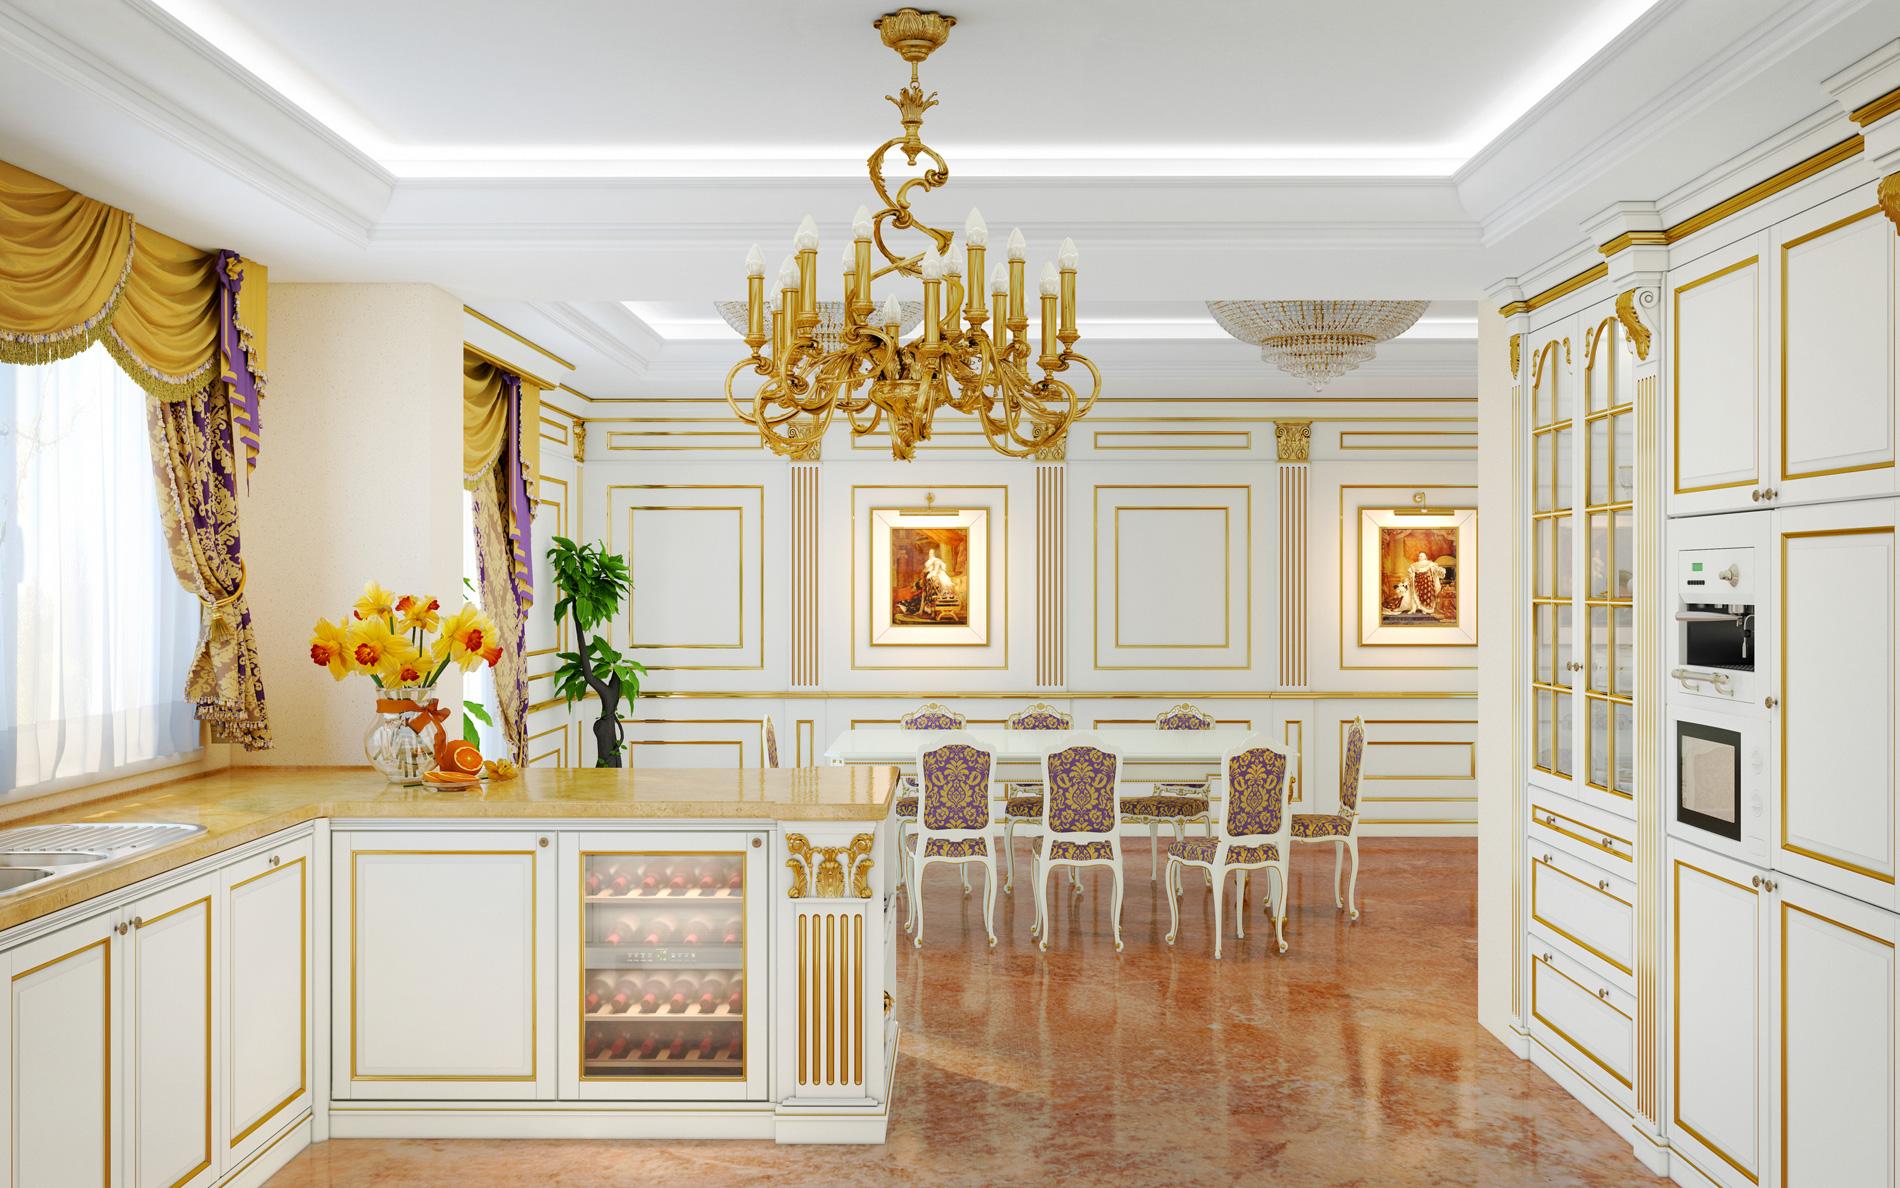 Cucine di lusso: lo stile classico protagonista ai fornelli